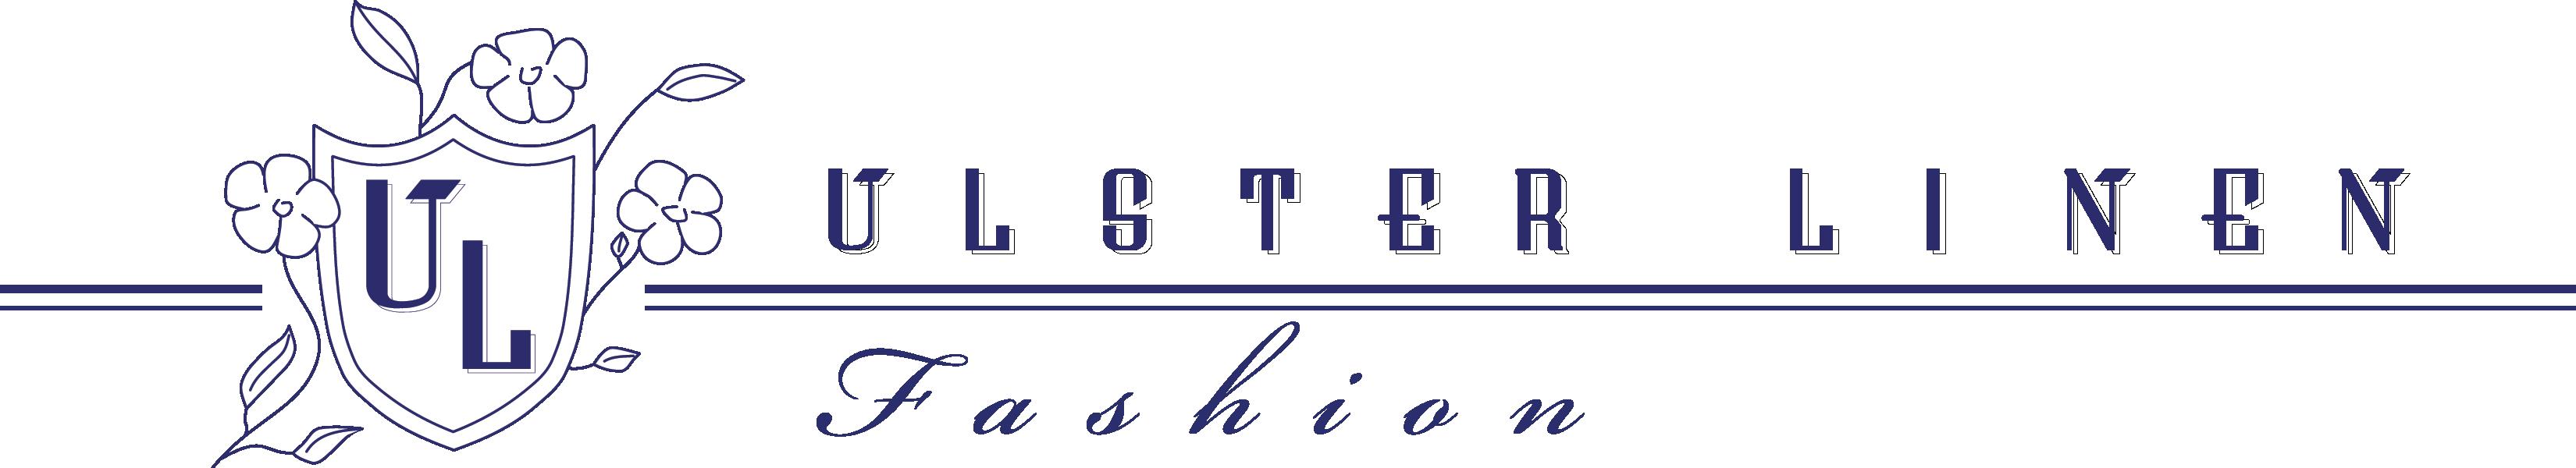 Ulster Apparel Logo